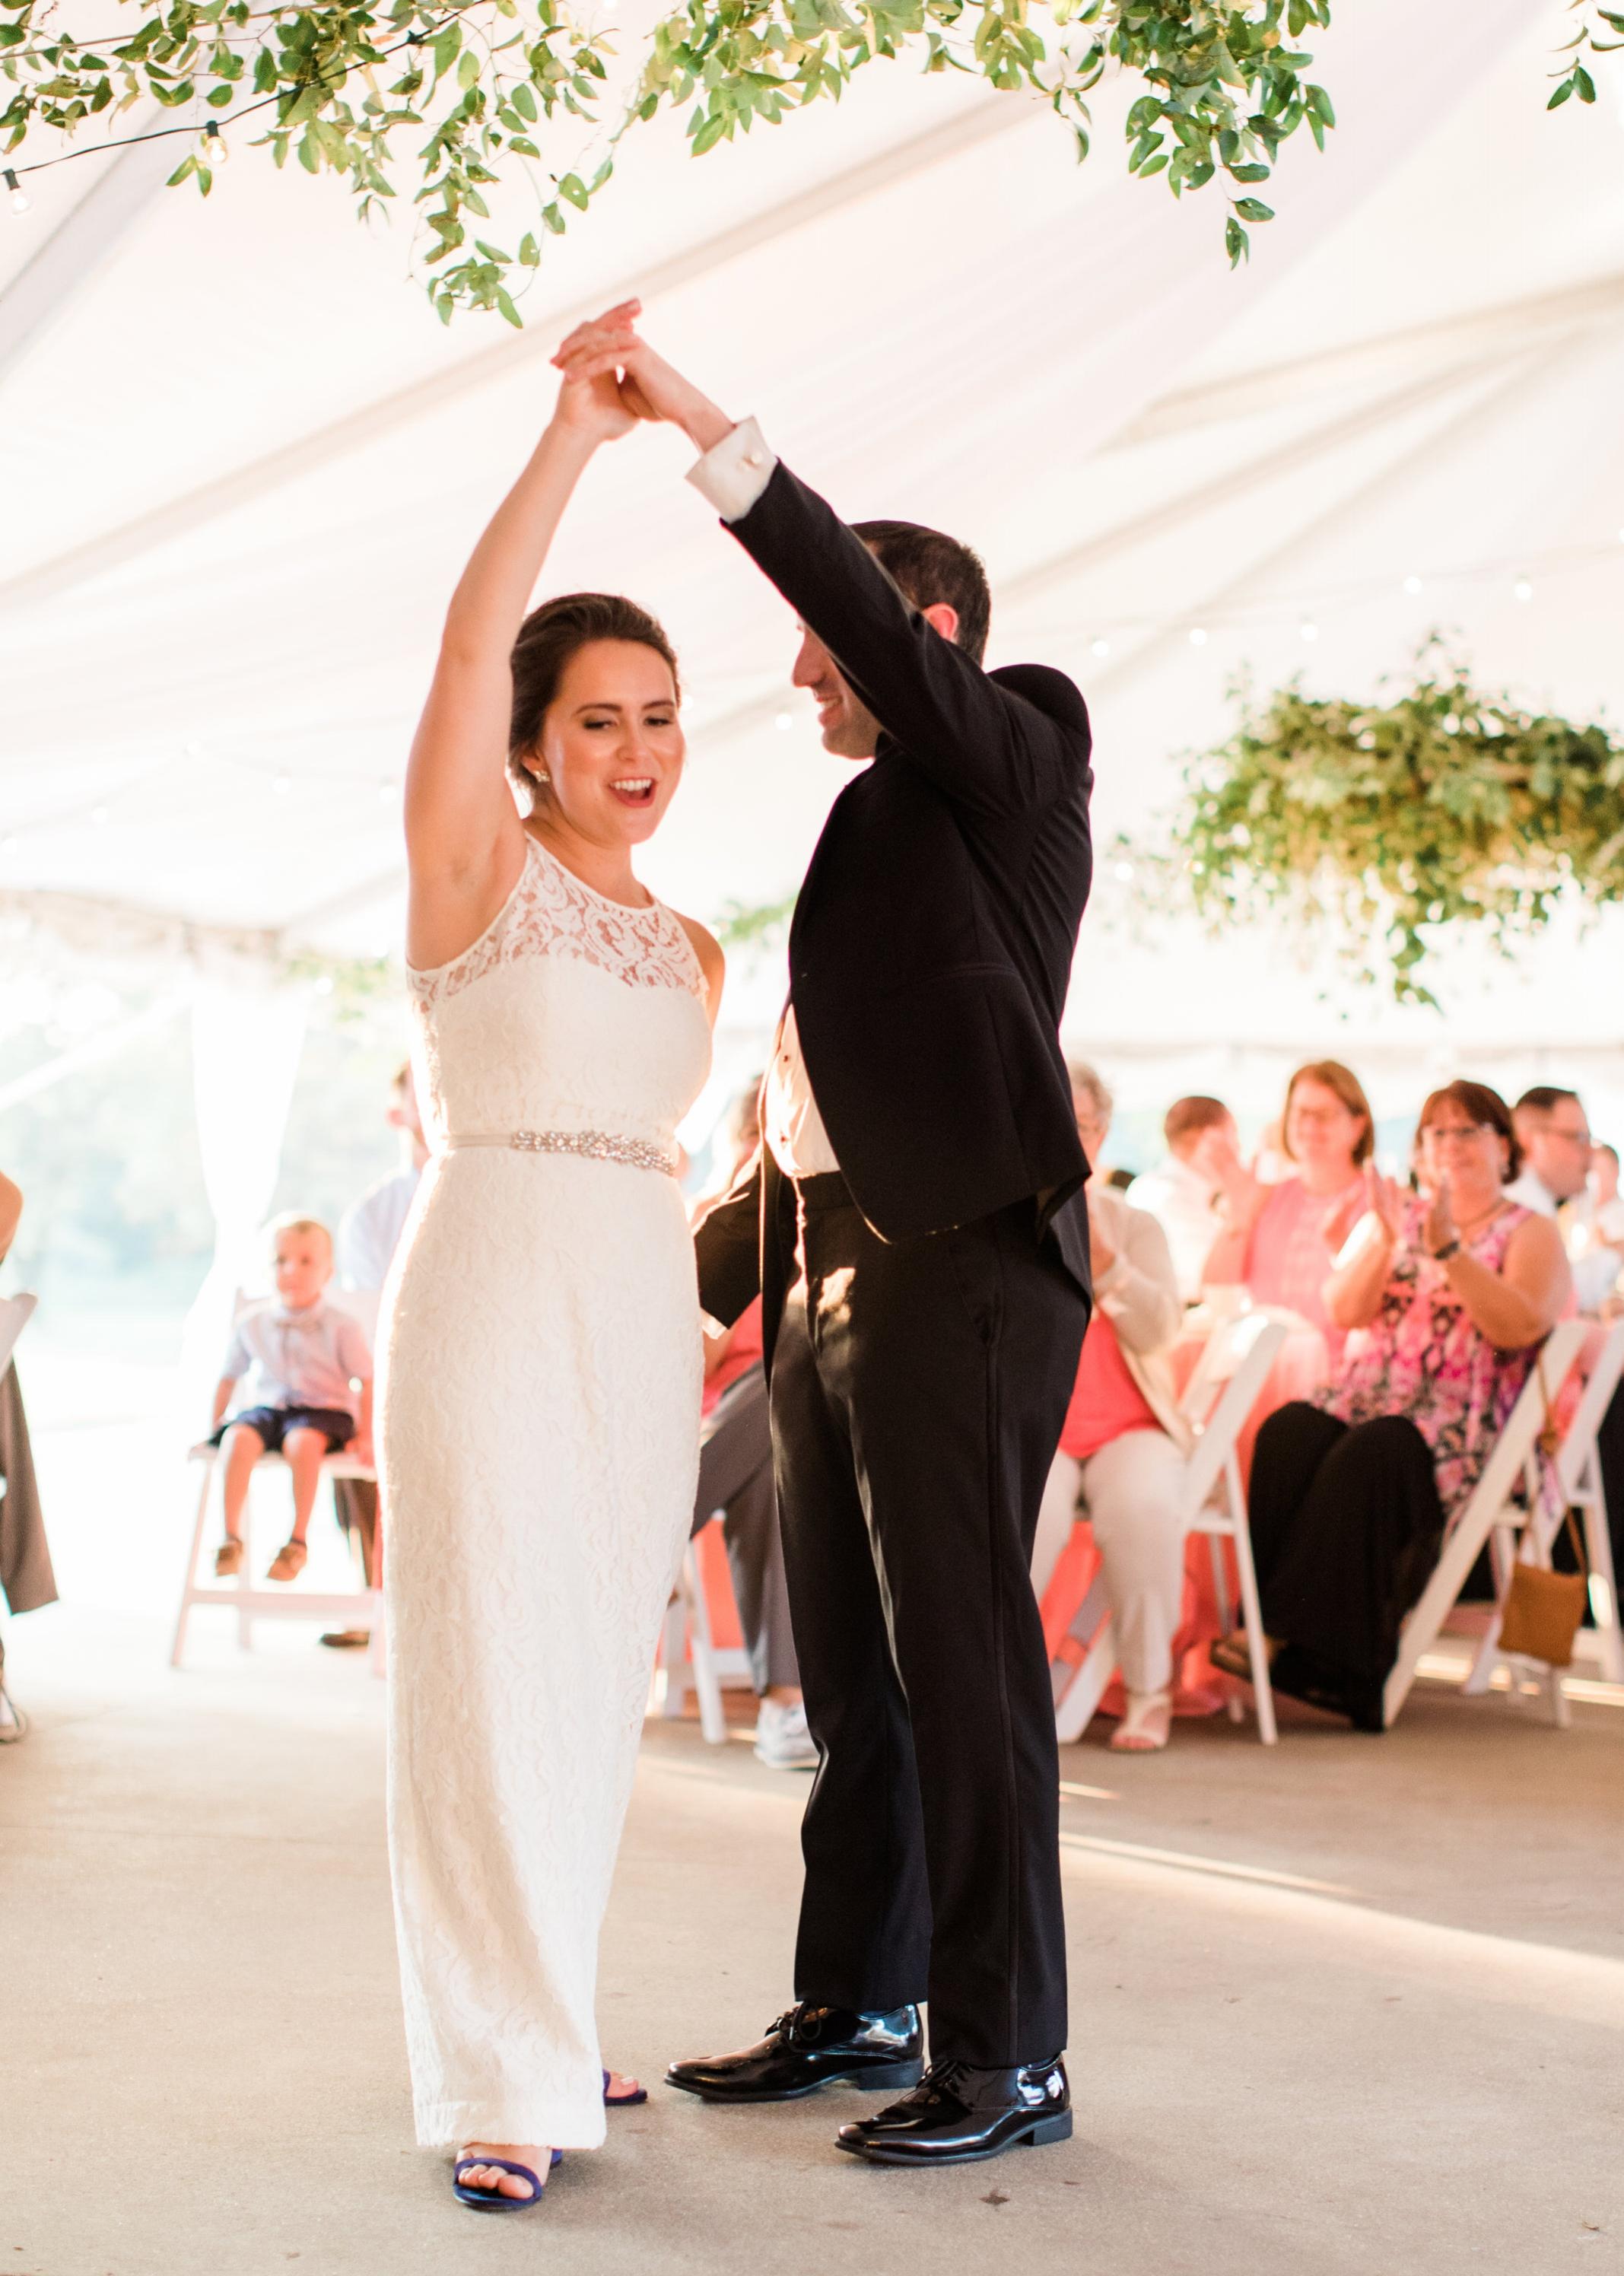 Zoller+Wedding+Reception+First+Dance-33.jpg